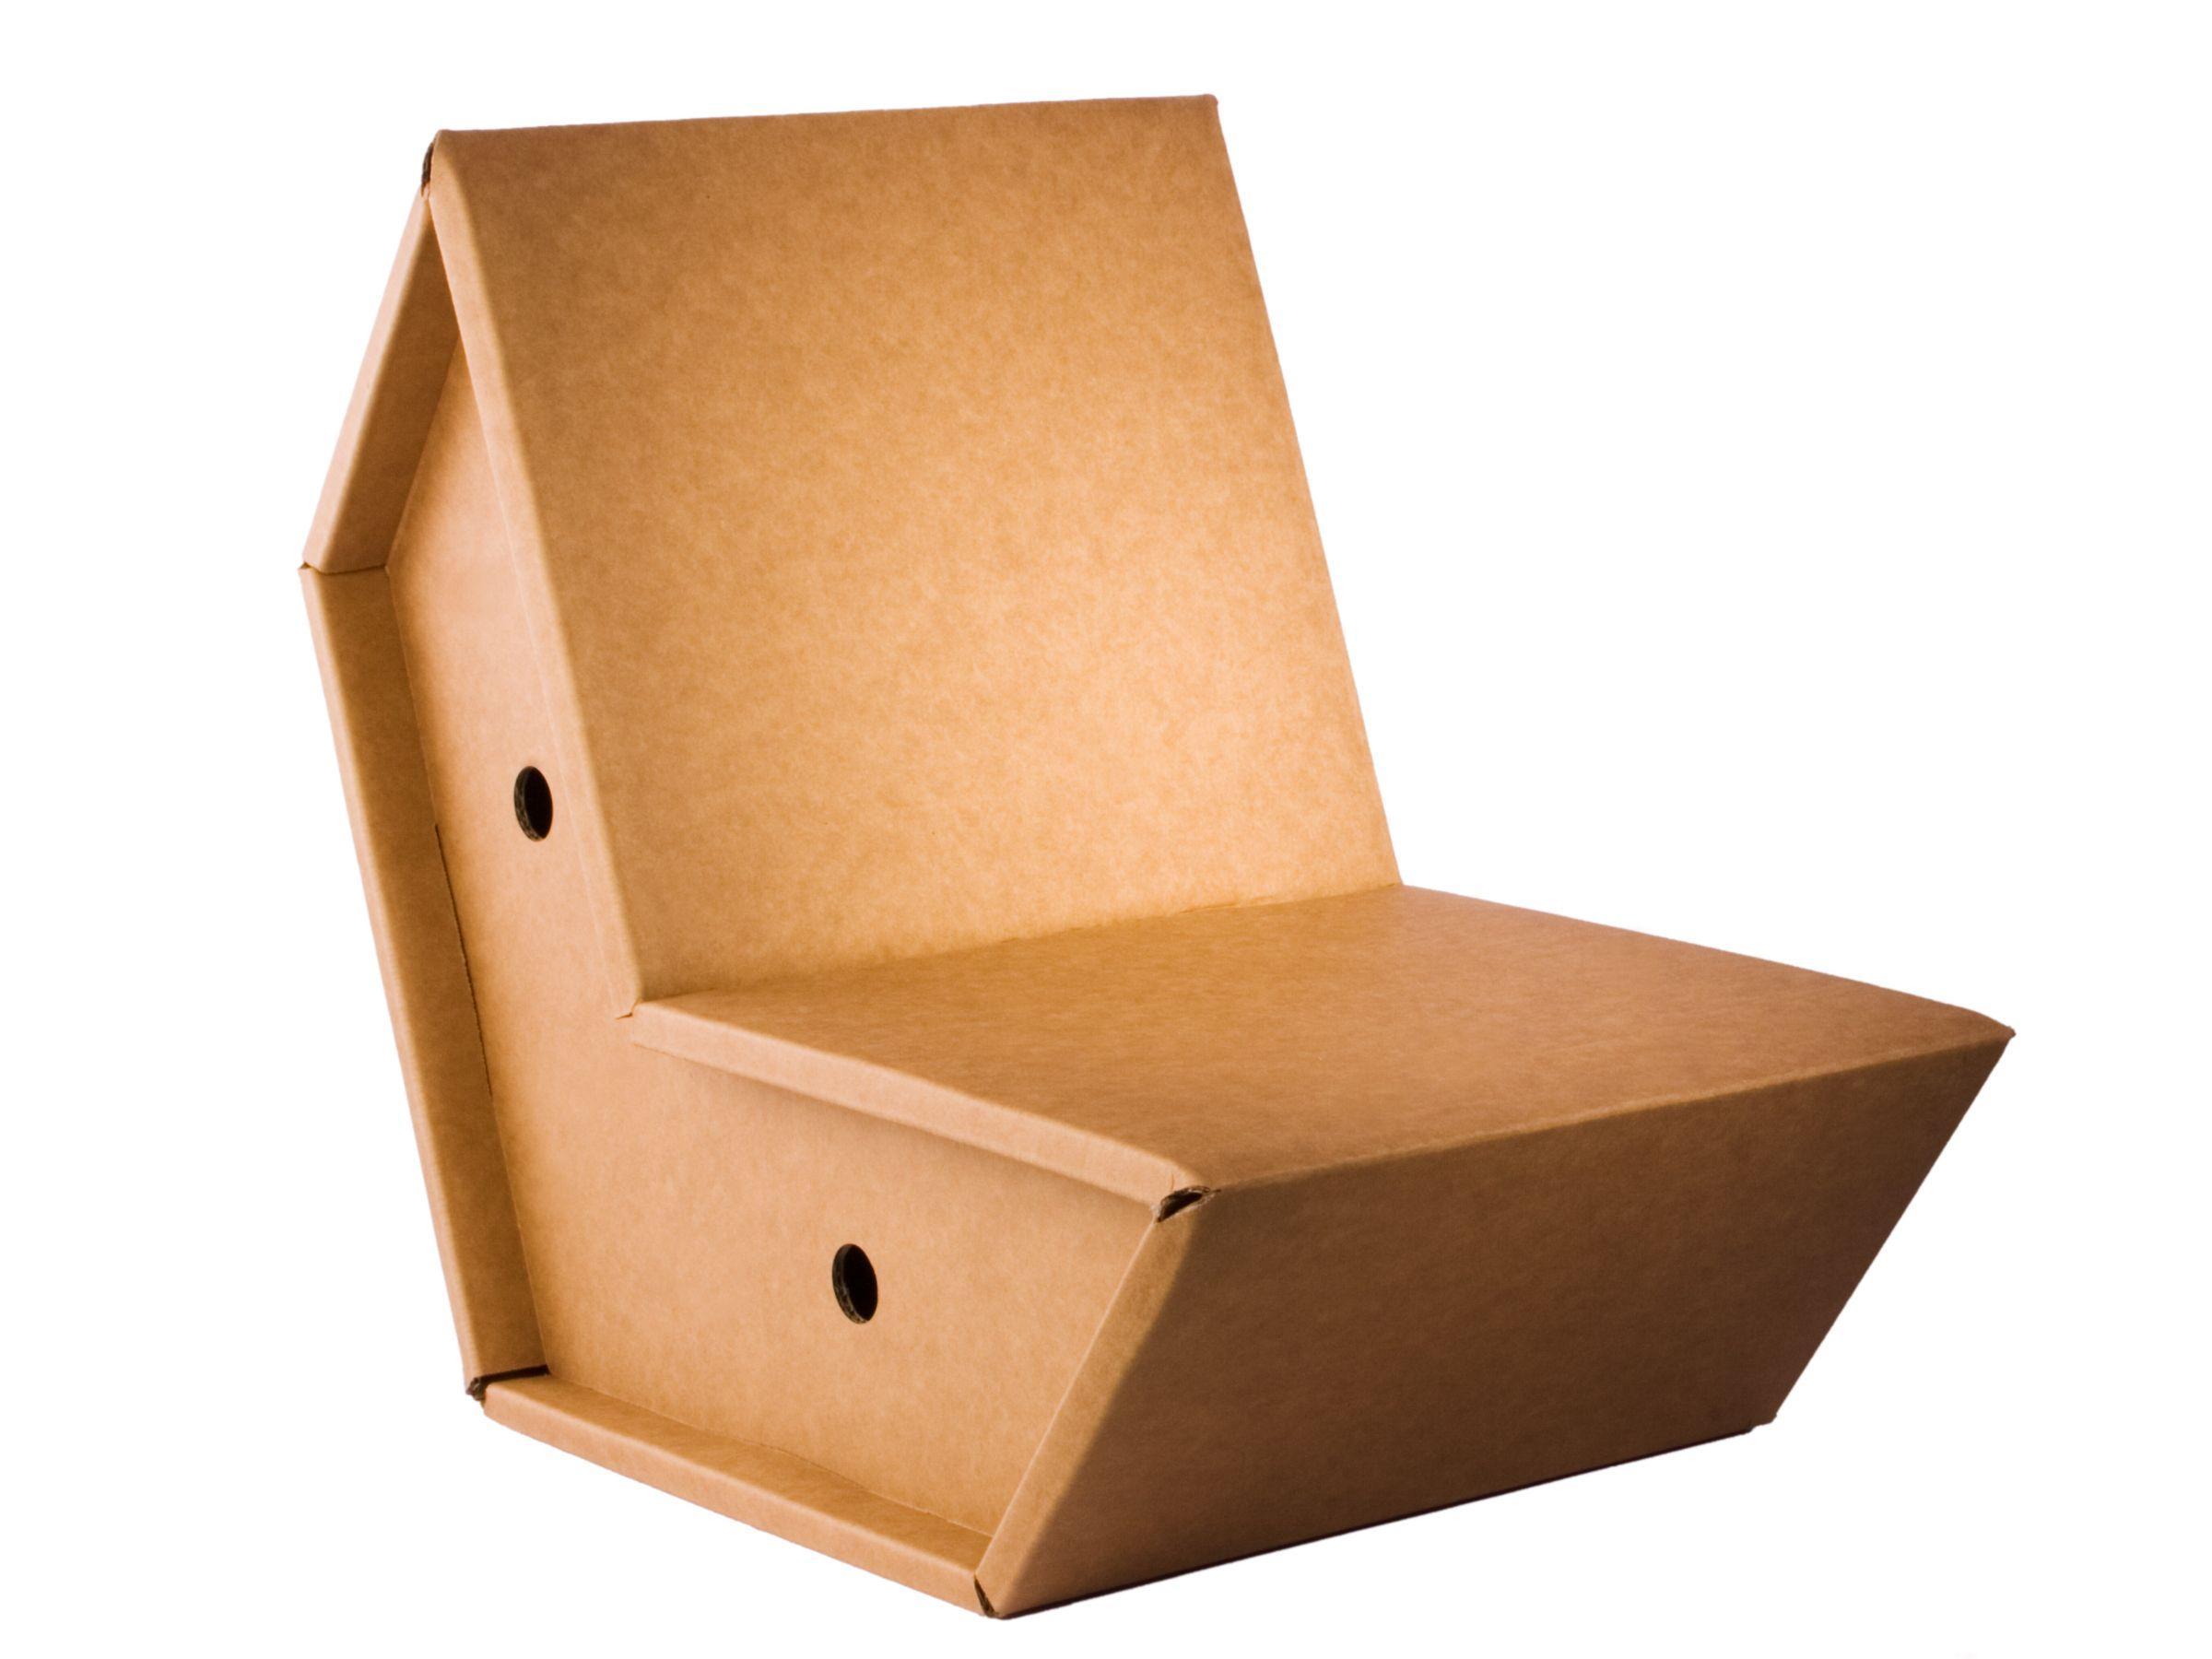 Cardboard Chair Otto By Pulpo Ursula L Hoste Design